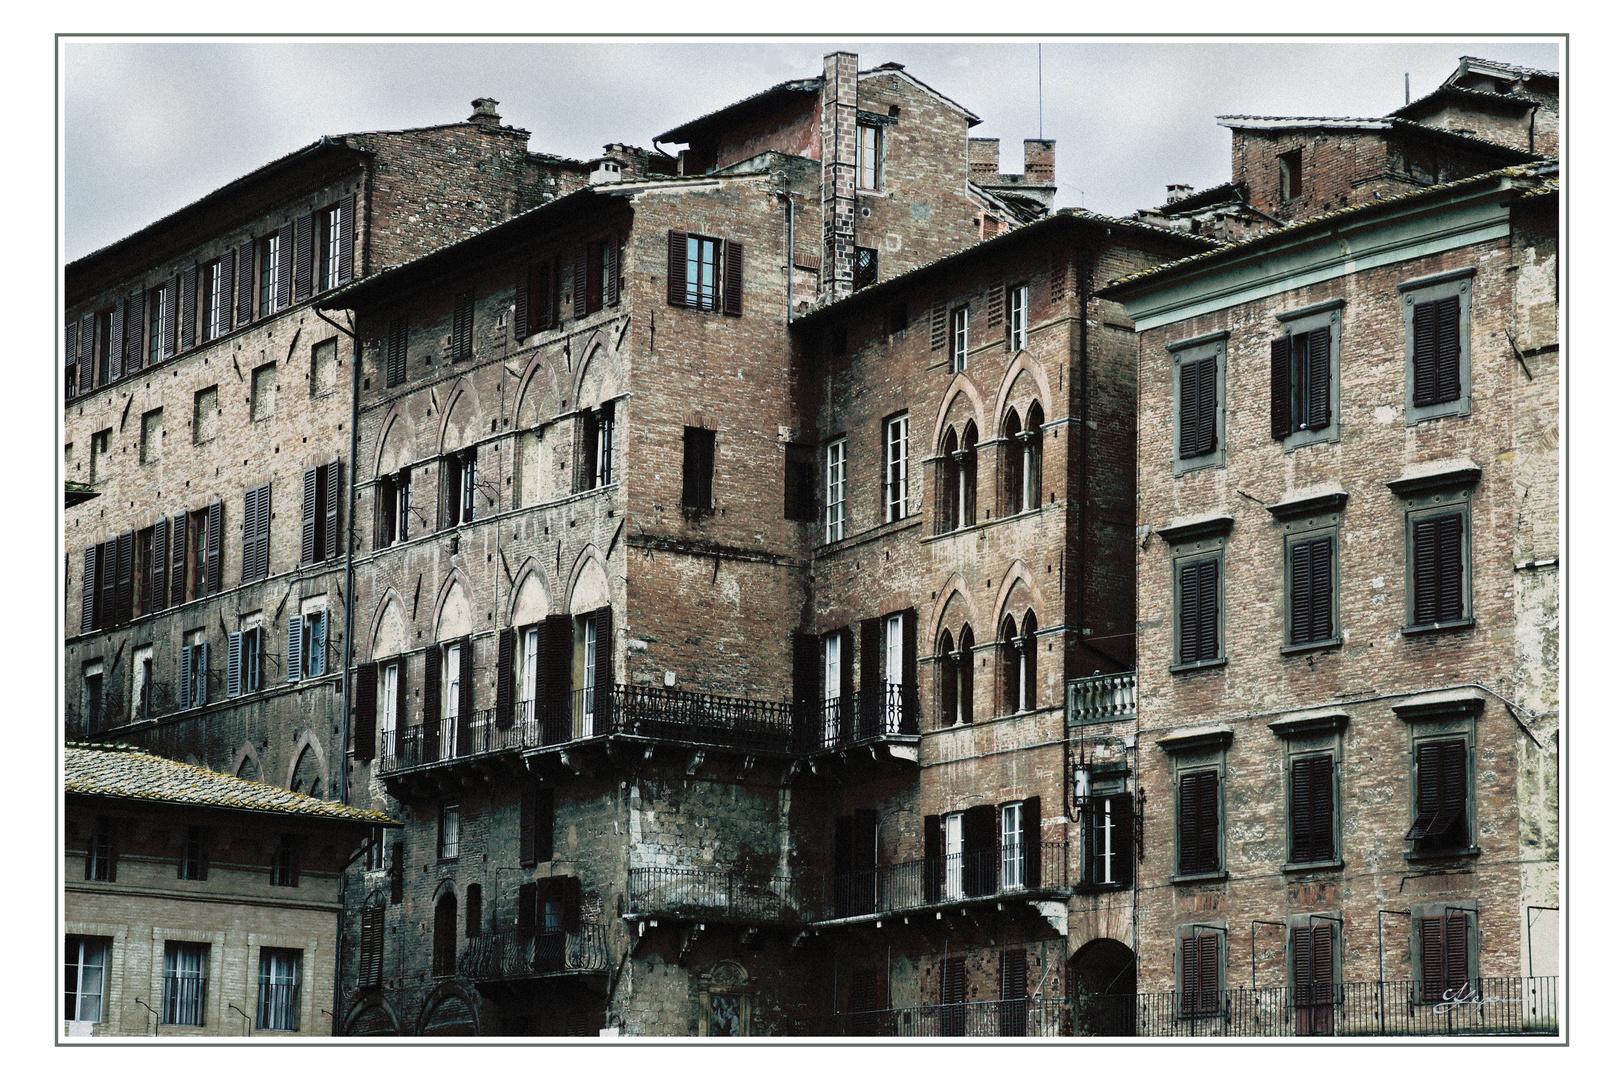 Ansicht am Marktplatz von Siena